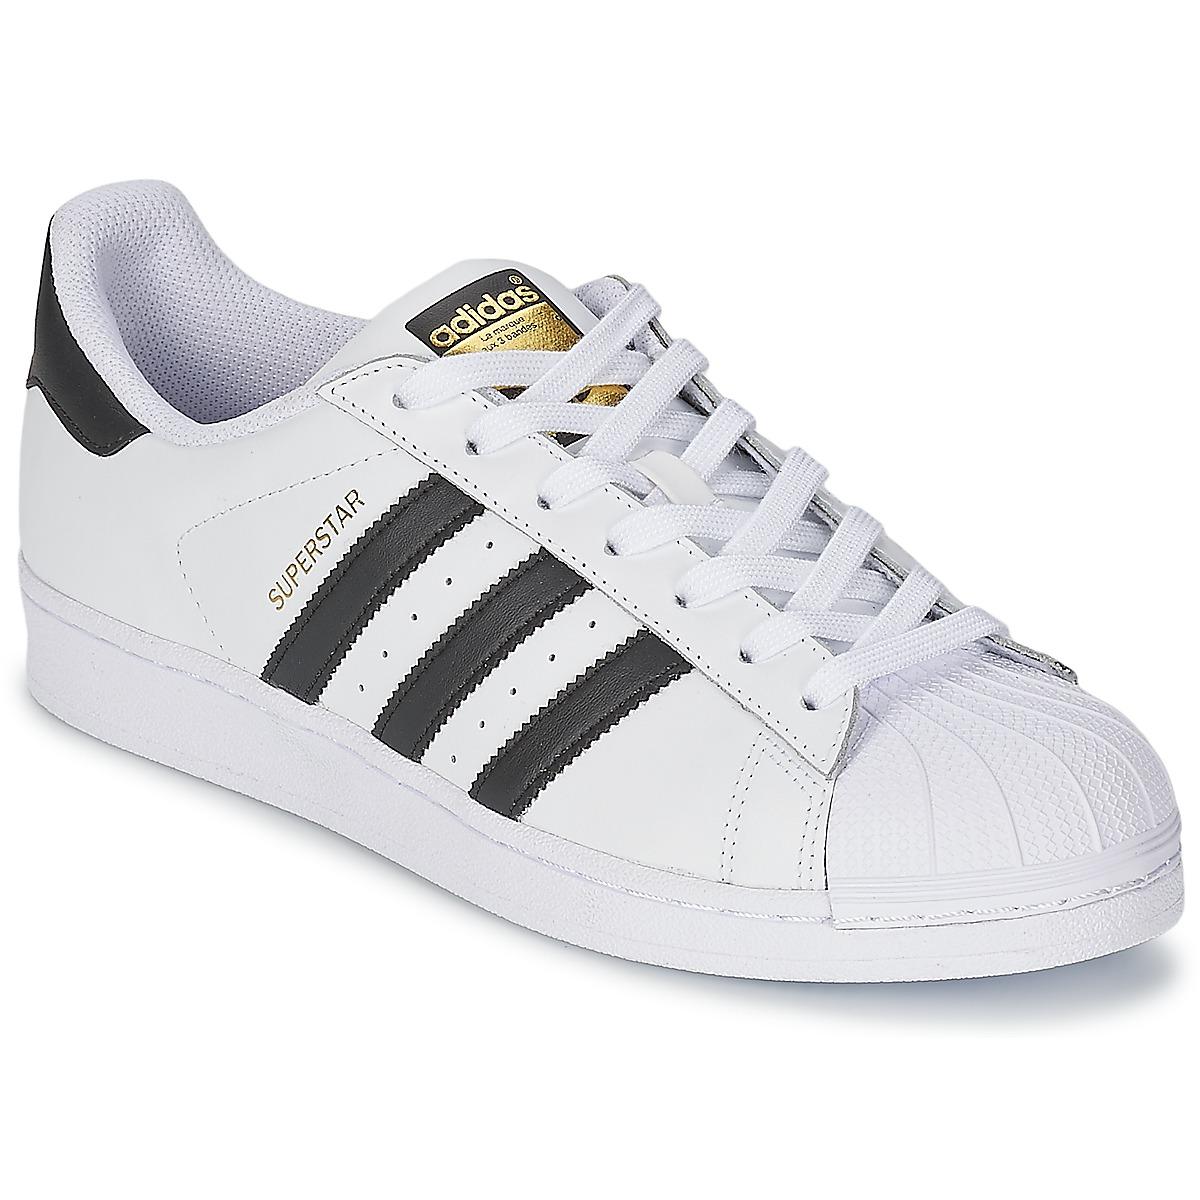 cb28224cb84 adidas Originals SUPERSTAR Branco   Preto - Entrega gratuita com a  Spartoo.pt ! - Sapatos Sapatilhas 86